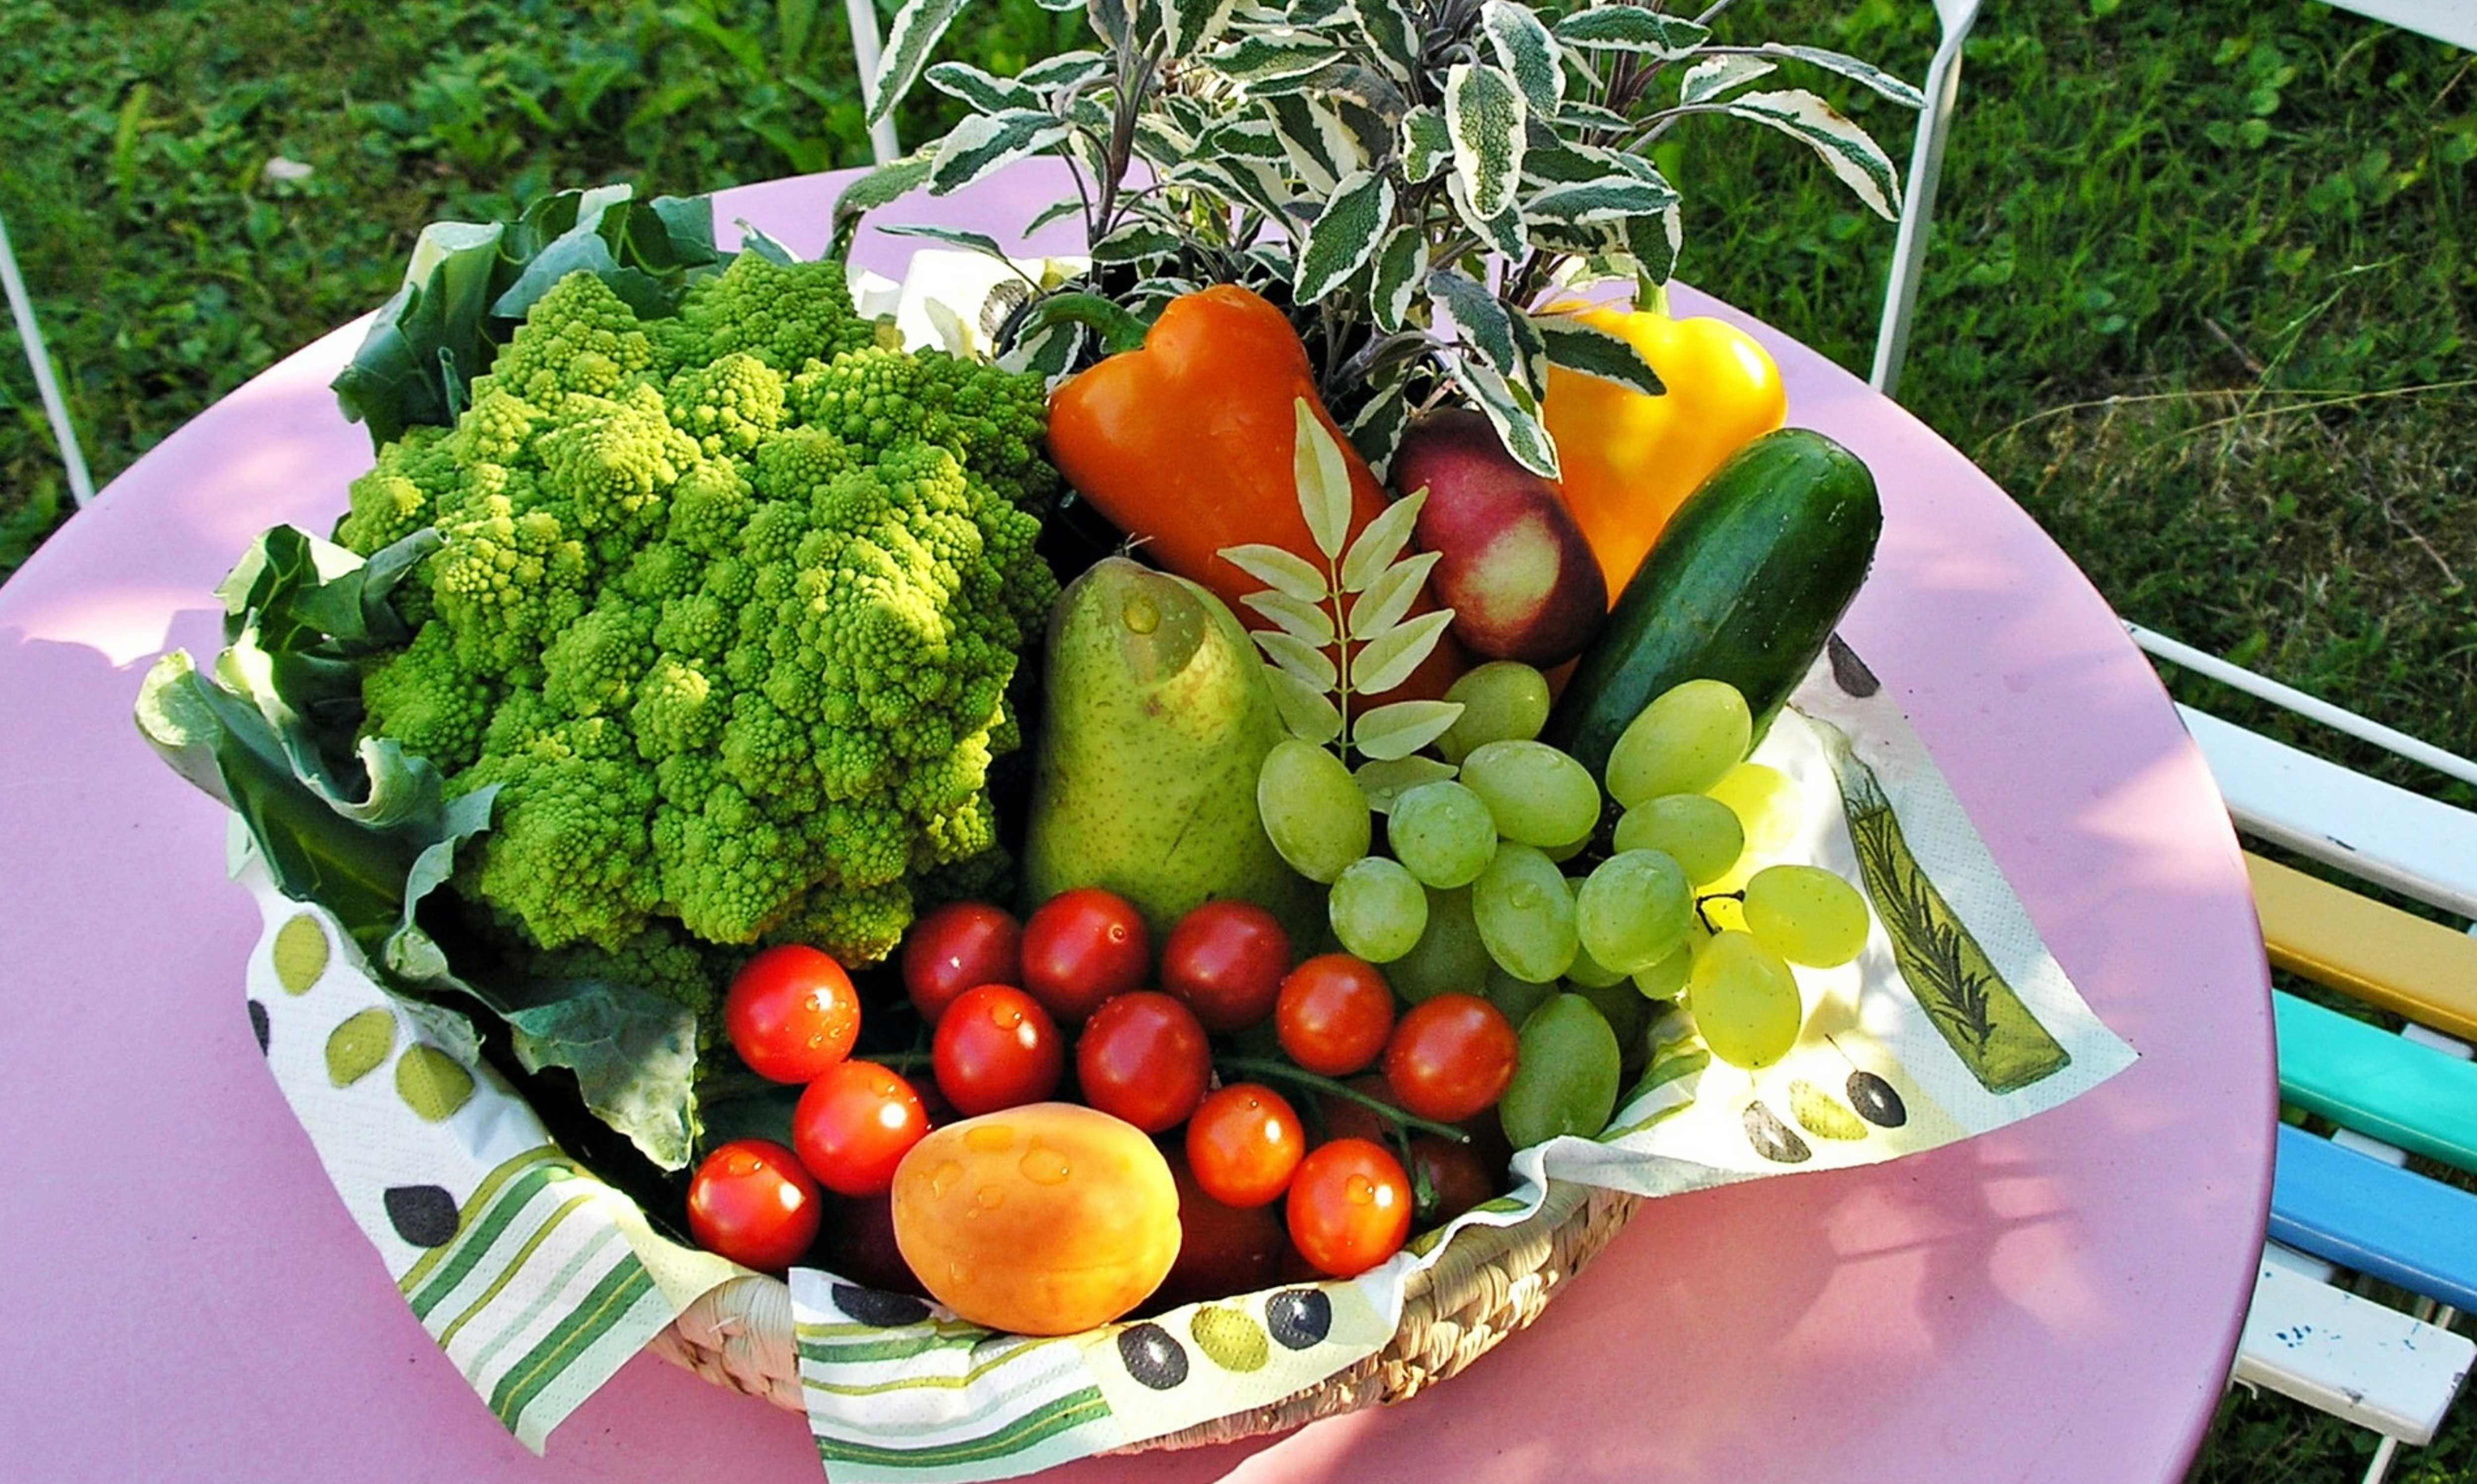 Imparare ad acquistare frutta e verdura nel 2020